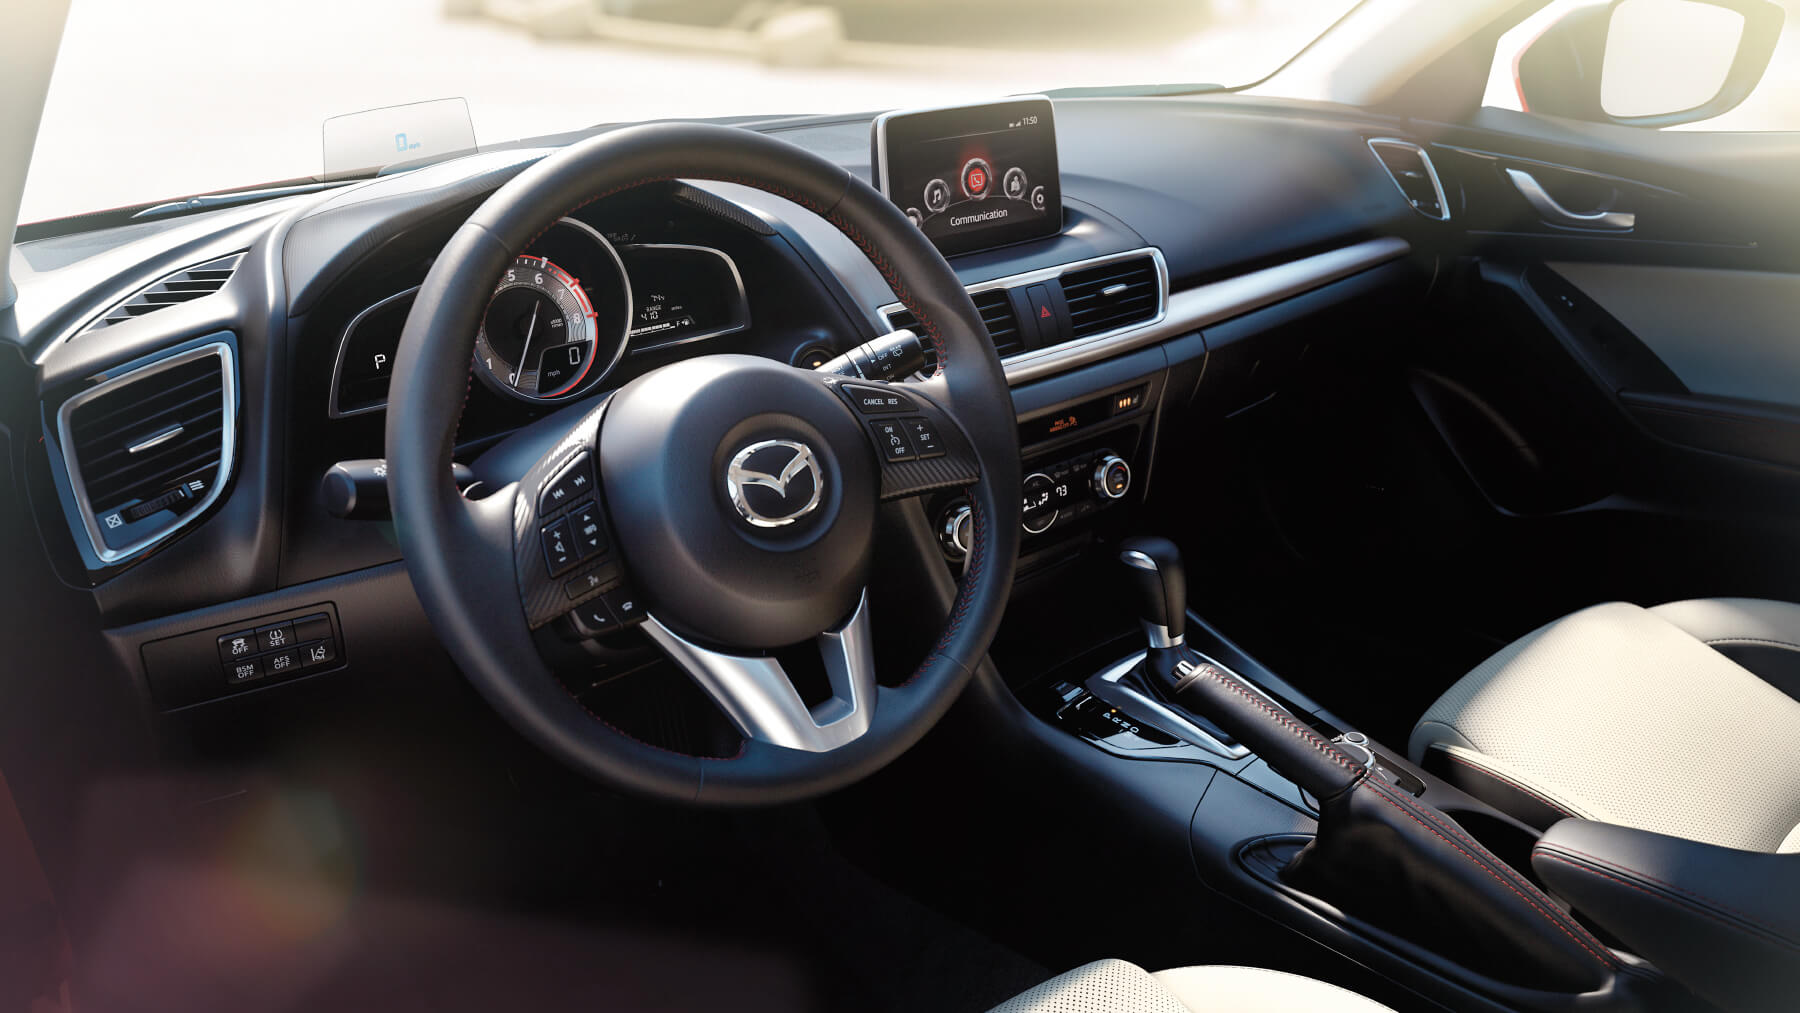 2016 Mazda3 Irvine Auto Center Irvine Ca